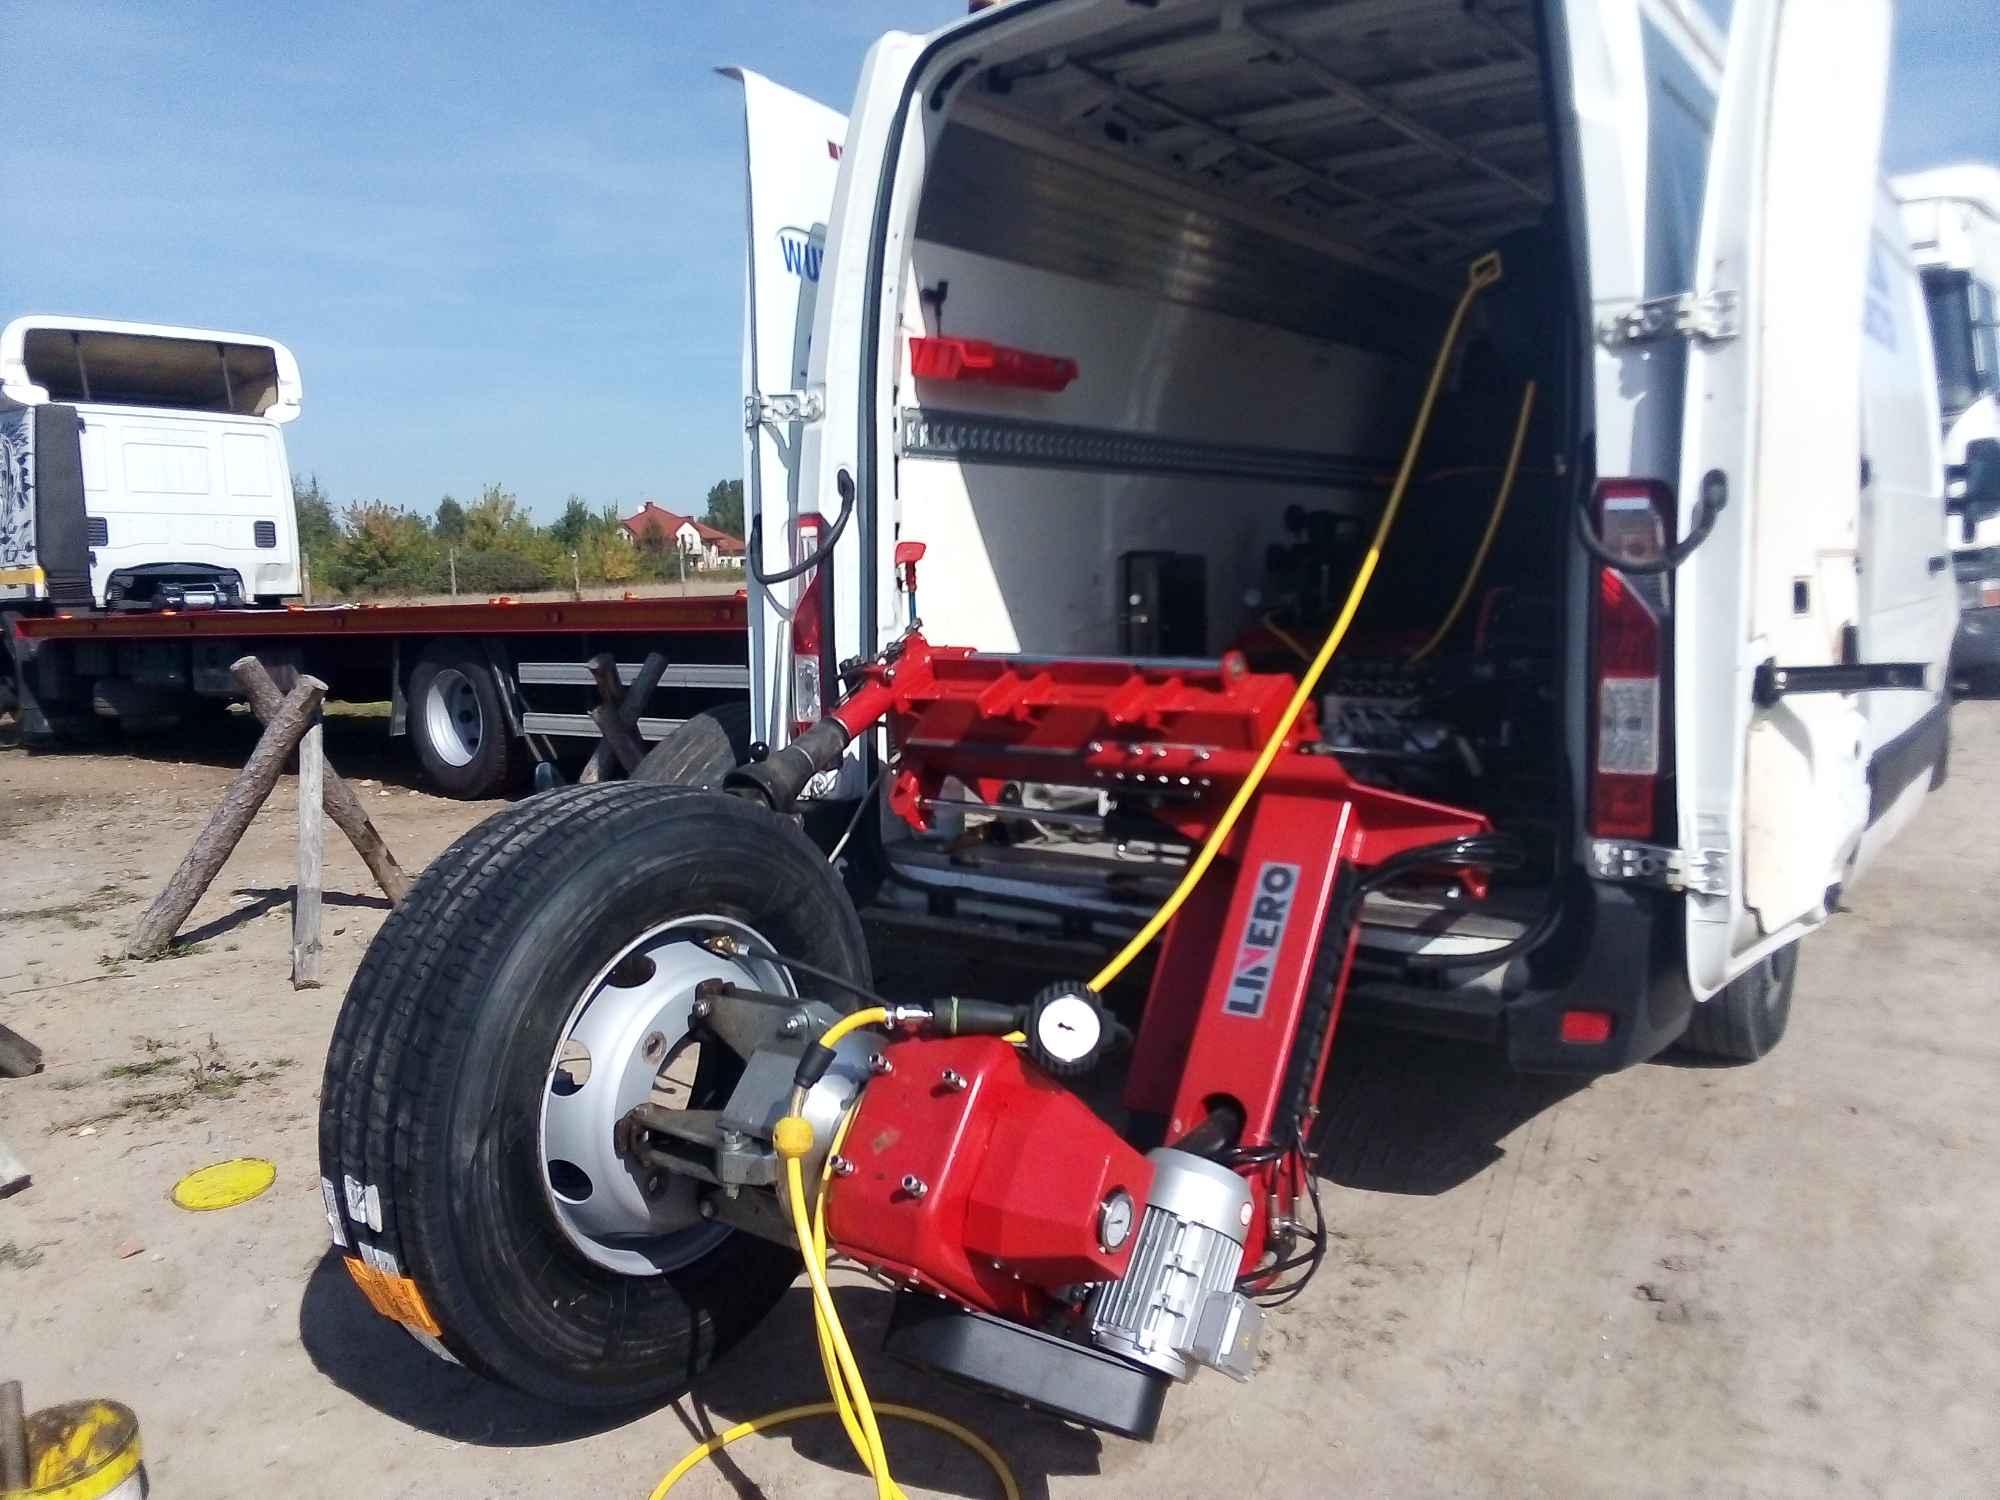 Opony ciężarowe HANKOOK 315 70 R22,5 AH31 156/150L M+S 3PMSF. Grodzisk Mazowiecki - zdjęcie 1